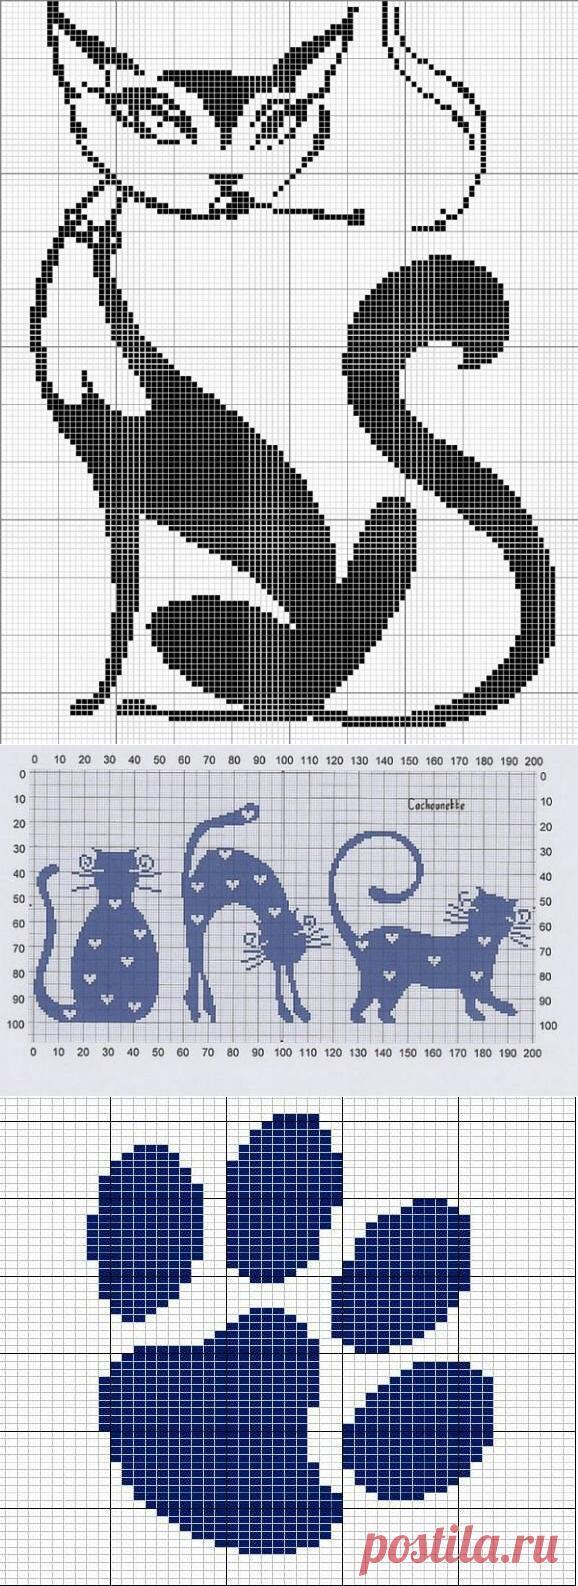 Раскрываем тему котиков в филейном вязании - небольшая подборка схем🐾 | Левреткоман-оч.умелец | Яндекс Дзен